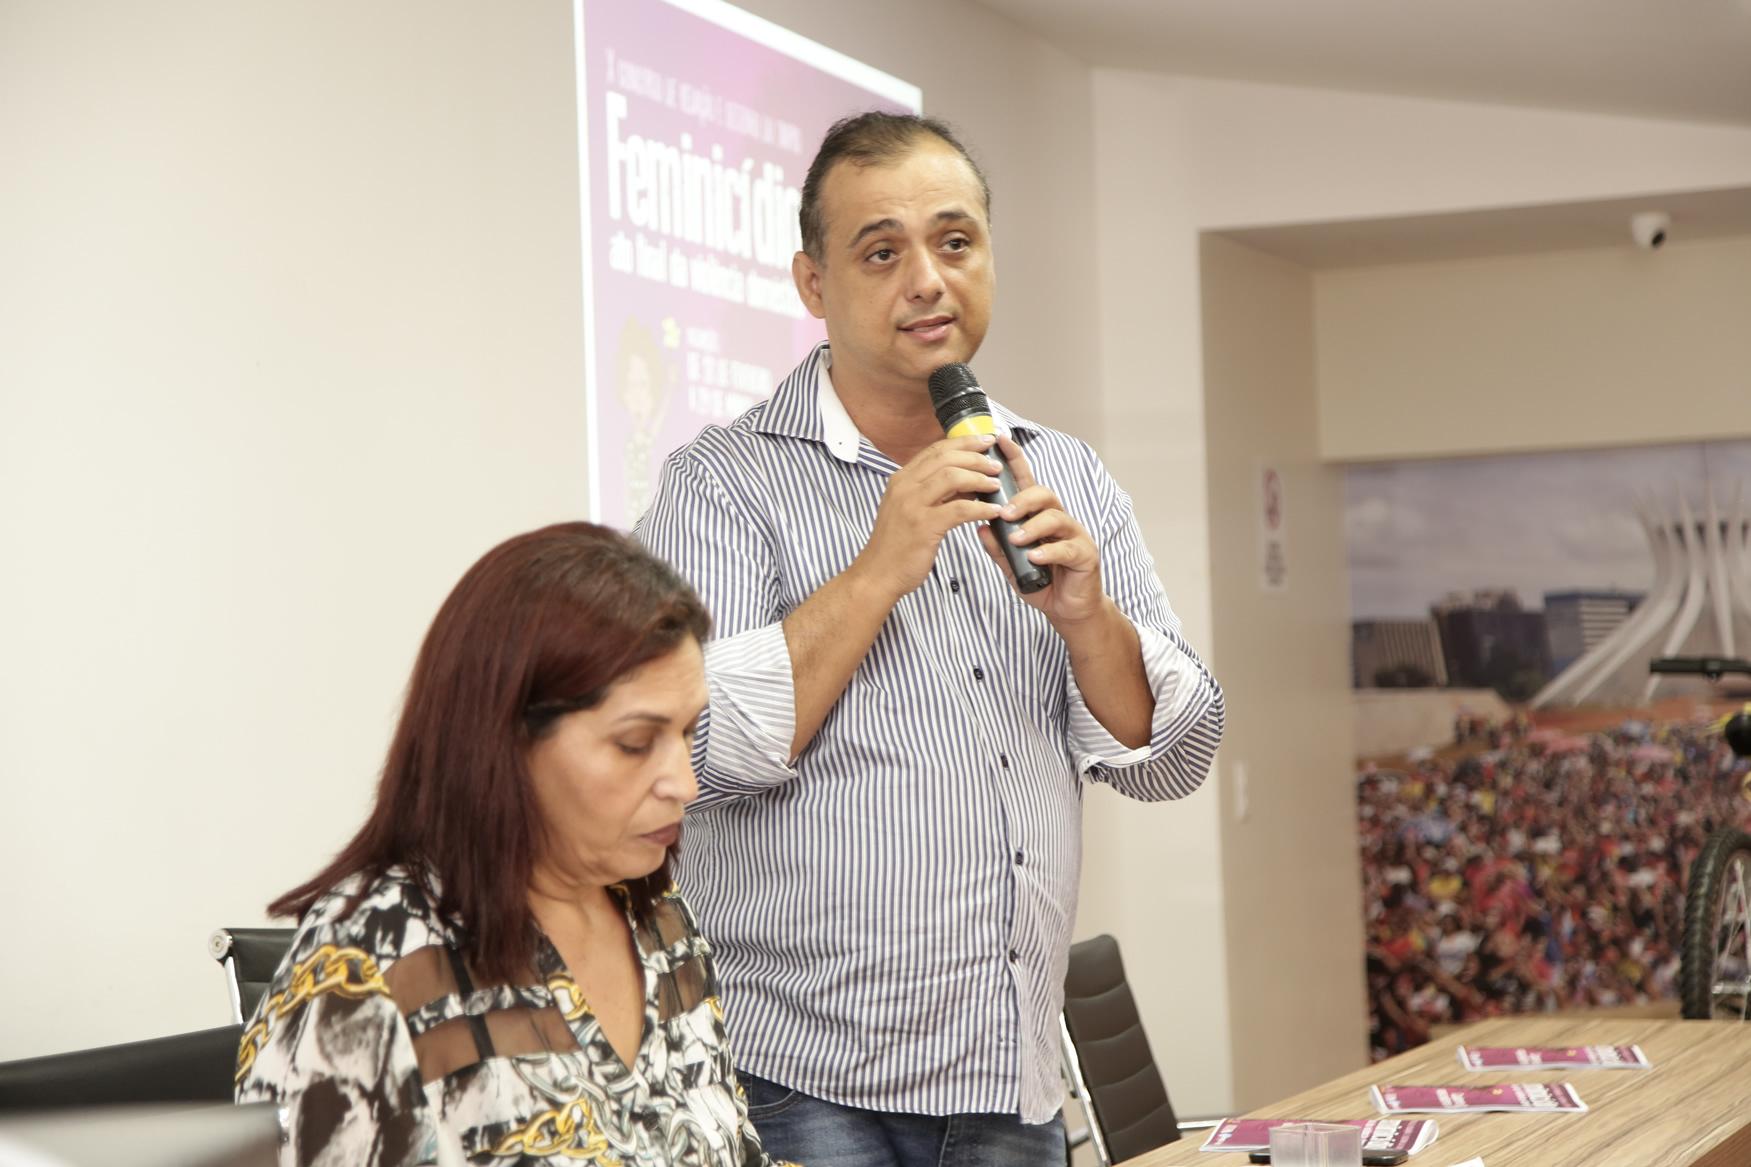 2019.05.19-Premiacao-do-X-Concurso-de-Redacao-do-Sinpro-DF_fotos-ECOM-141